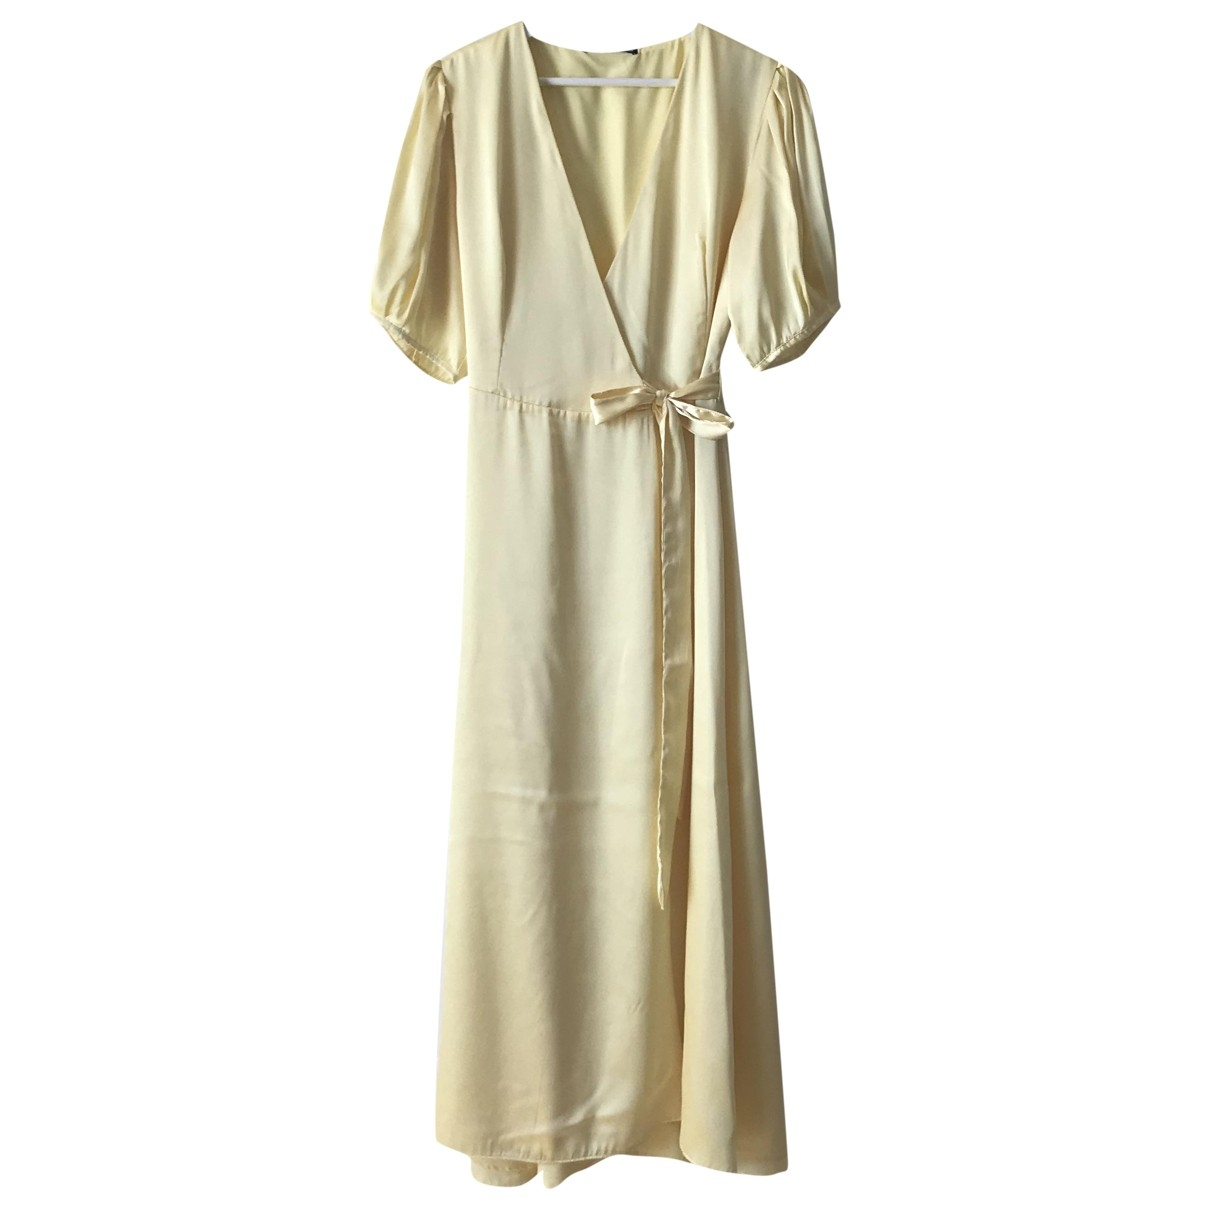 Zara \N Kleid in  Gelb Polyester